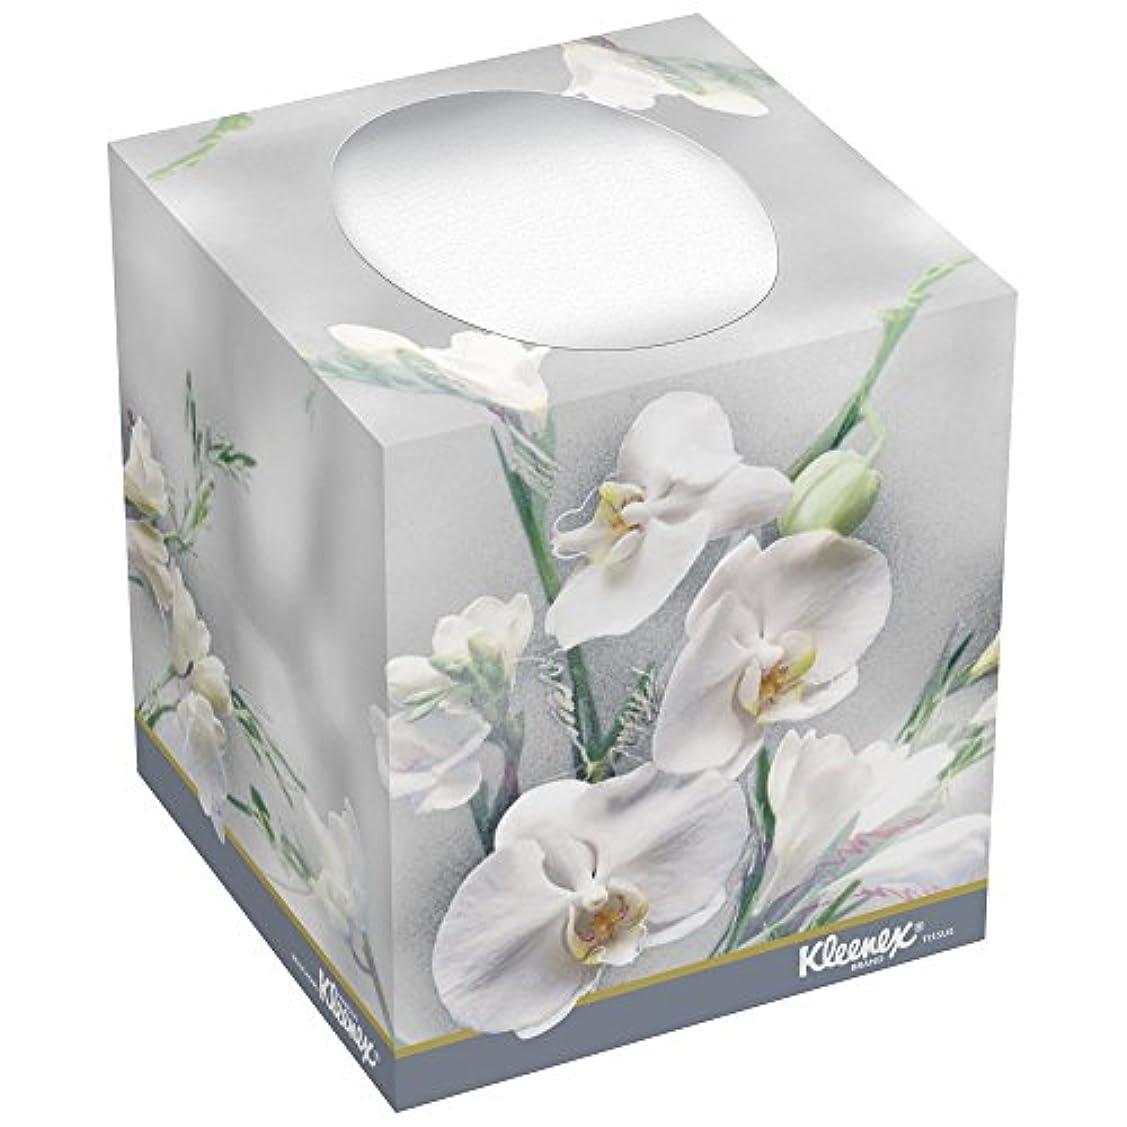 ベーカリー強化宇宙のKLEENEX BOUTIQUE Two-Ply White Facial Tissue, 95 Tissues/Box, 36 Boxes/Carton (並行輸入品)